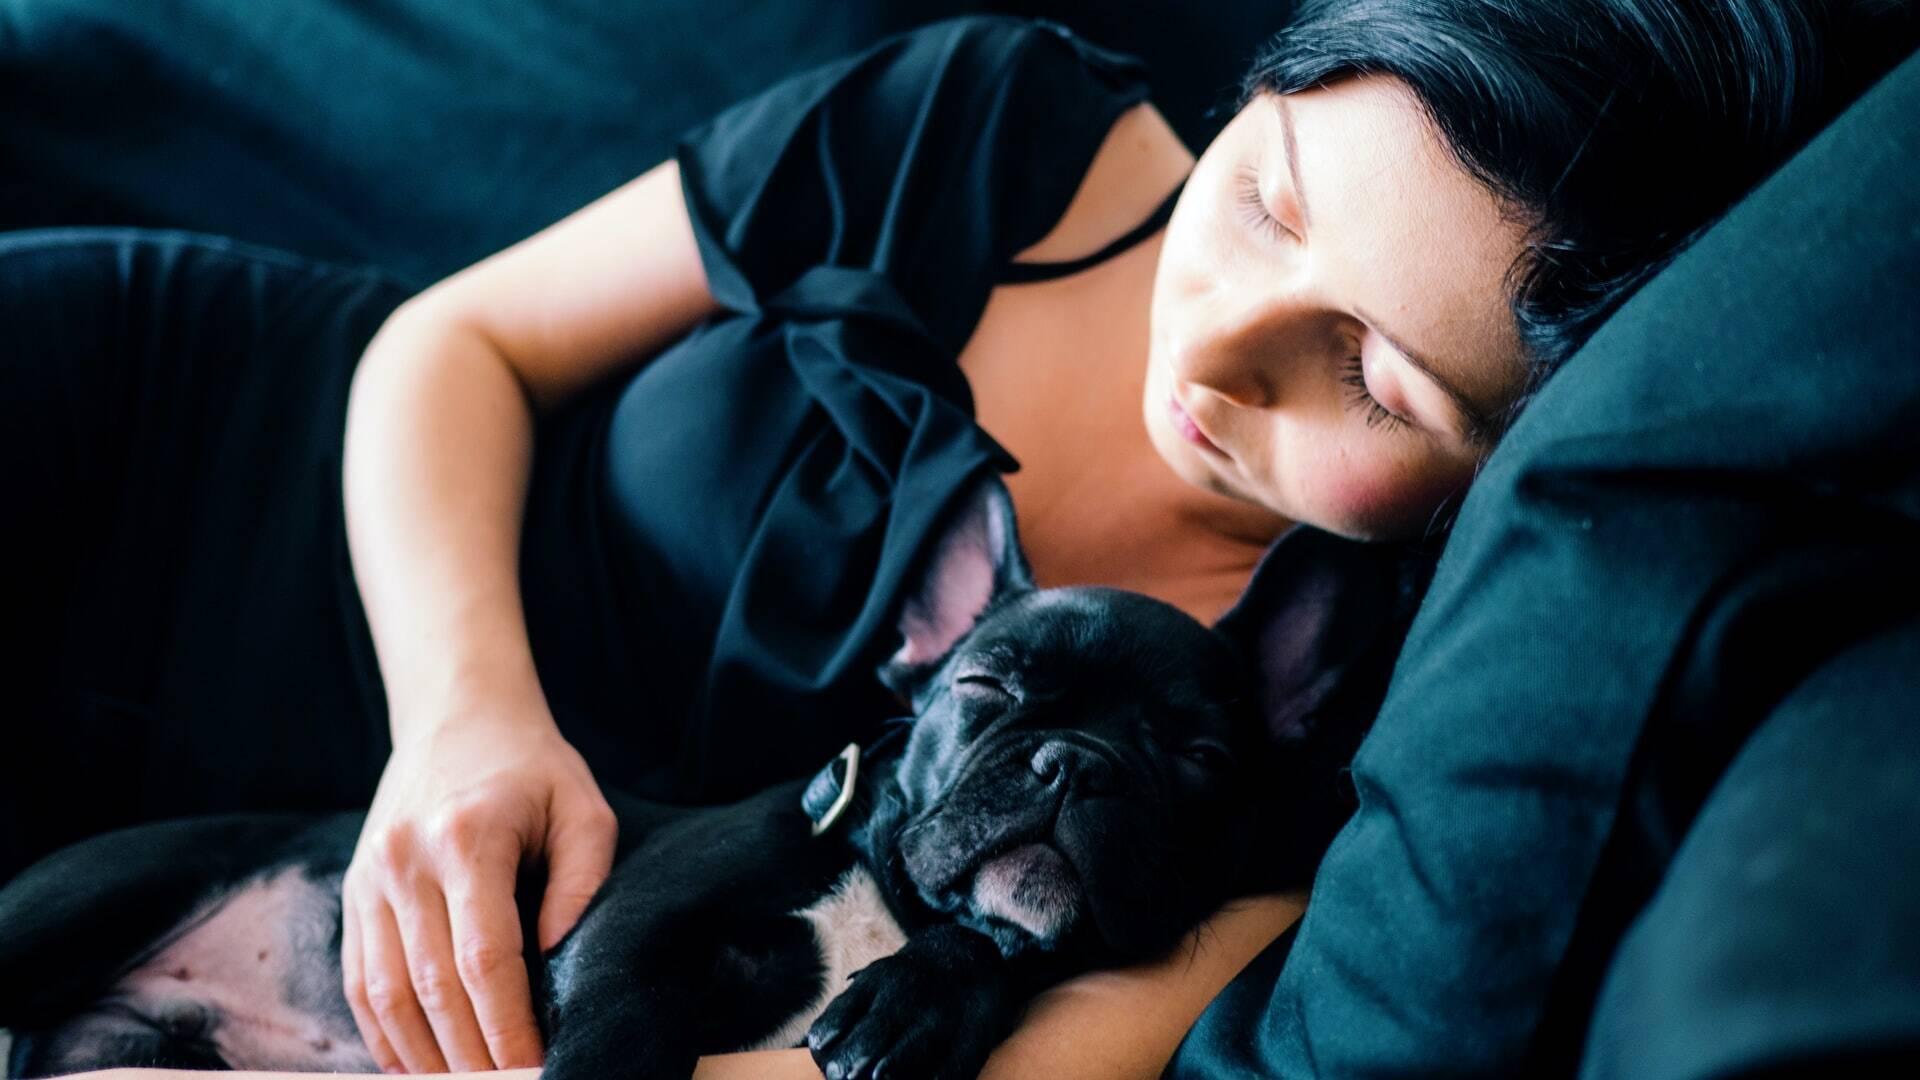 Mulheres dormem melhor com um cão na cama do que com um homem, indica estudo